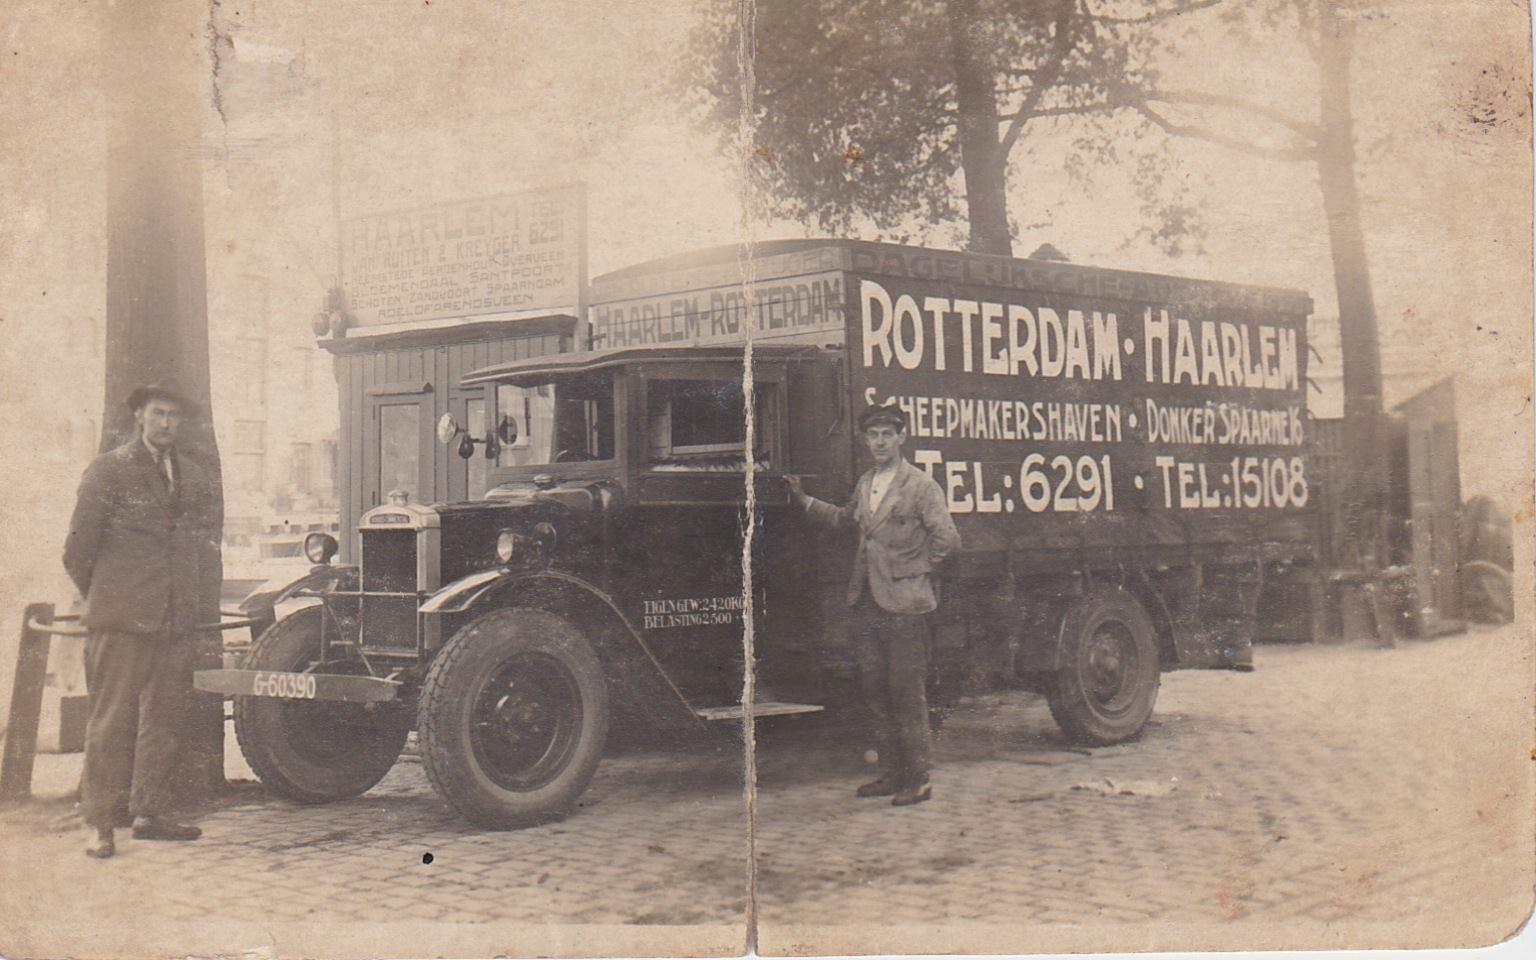 Dirk-Klapwijk-Dit-is-de-oudste-foto-die-ik-van-mijn-1e-werkgever-heb-kunnen-vinden--Joh-Kreijger-Bert-Klanderman